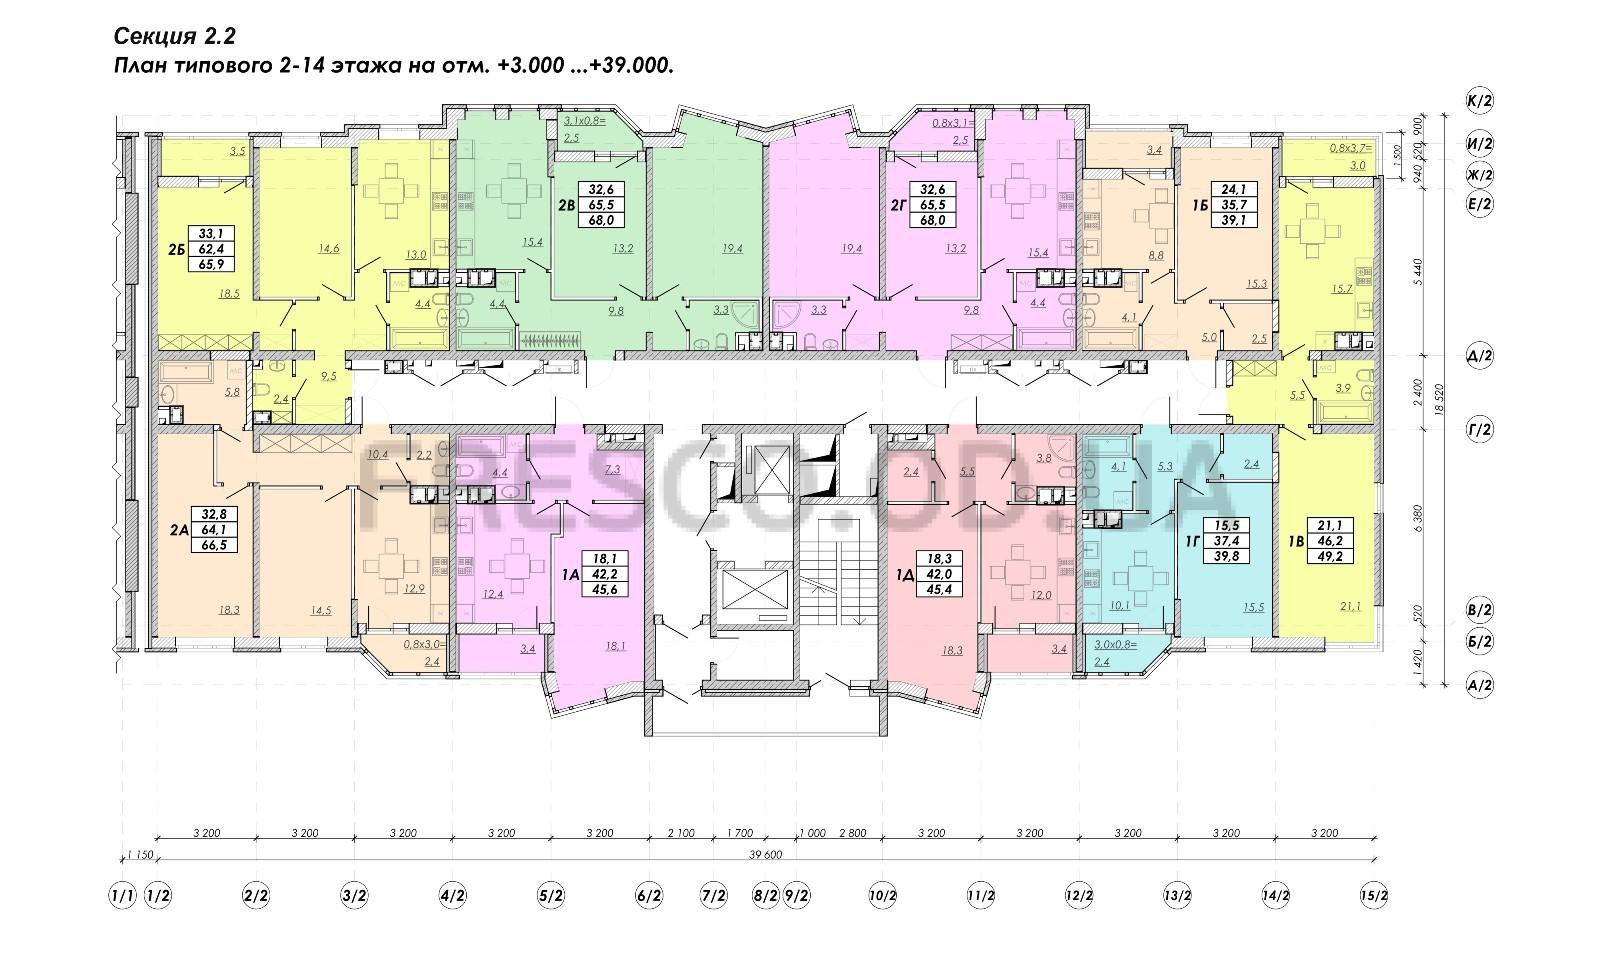 ЖК Прохоровский квартал секция 2.2 план 2-14 этажа